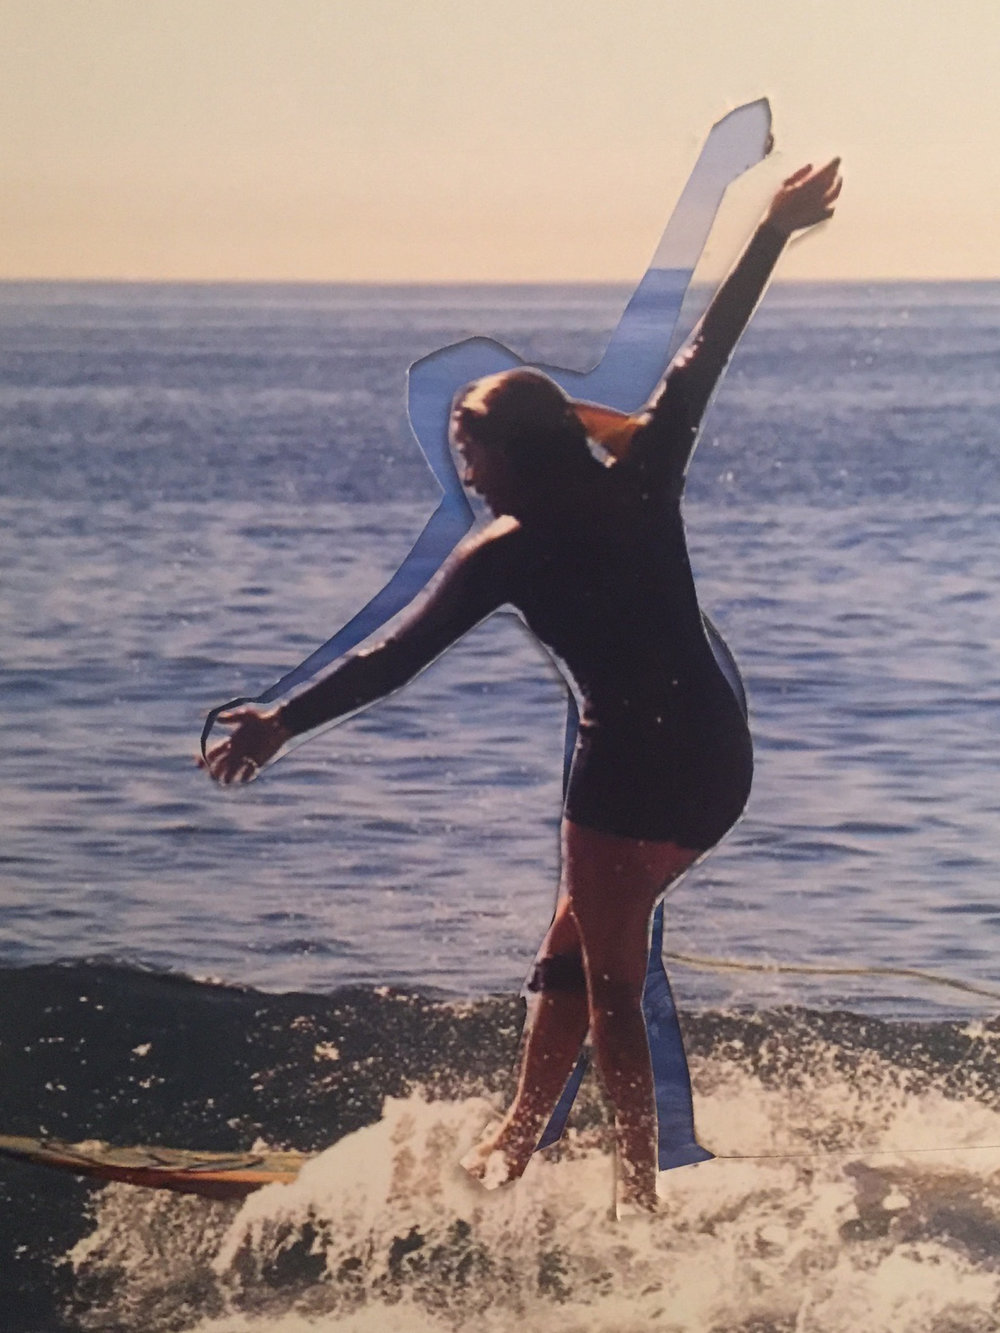 kelsey_napier_making_of_erin_surfs_5.jpg